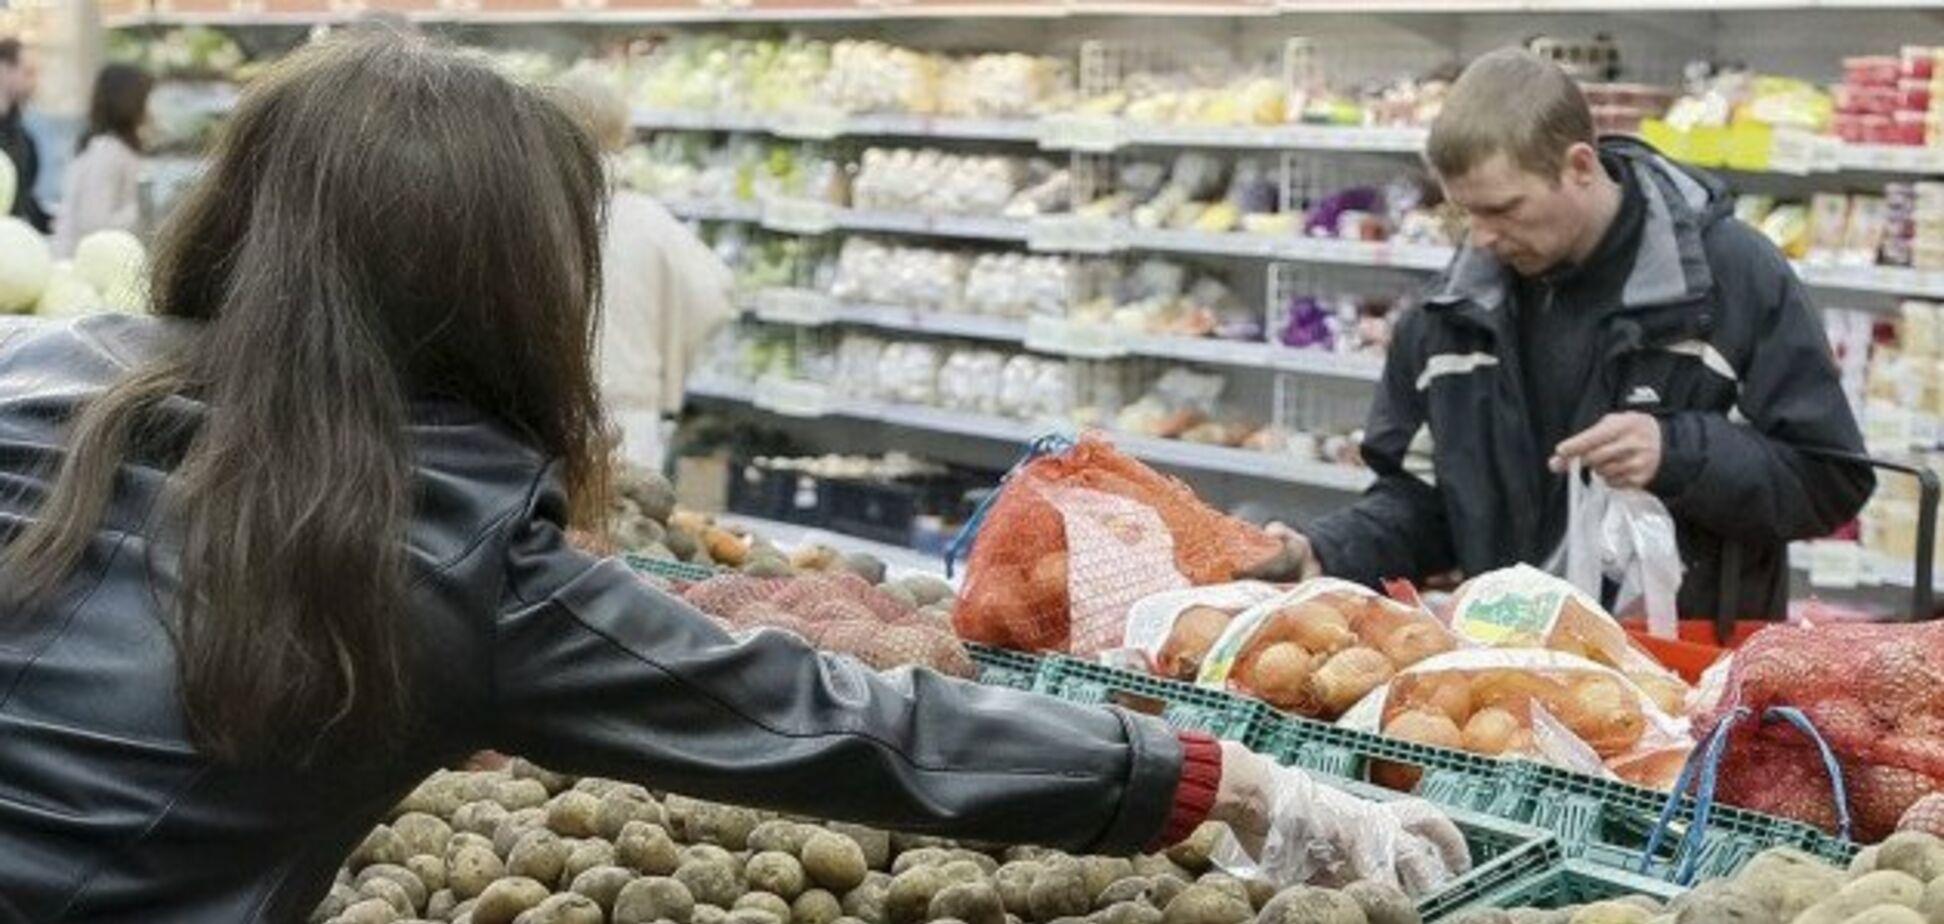 'Так їм і треба!' У мережі показали цінове дно 'ДНР'